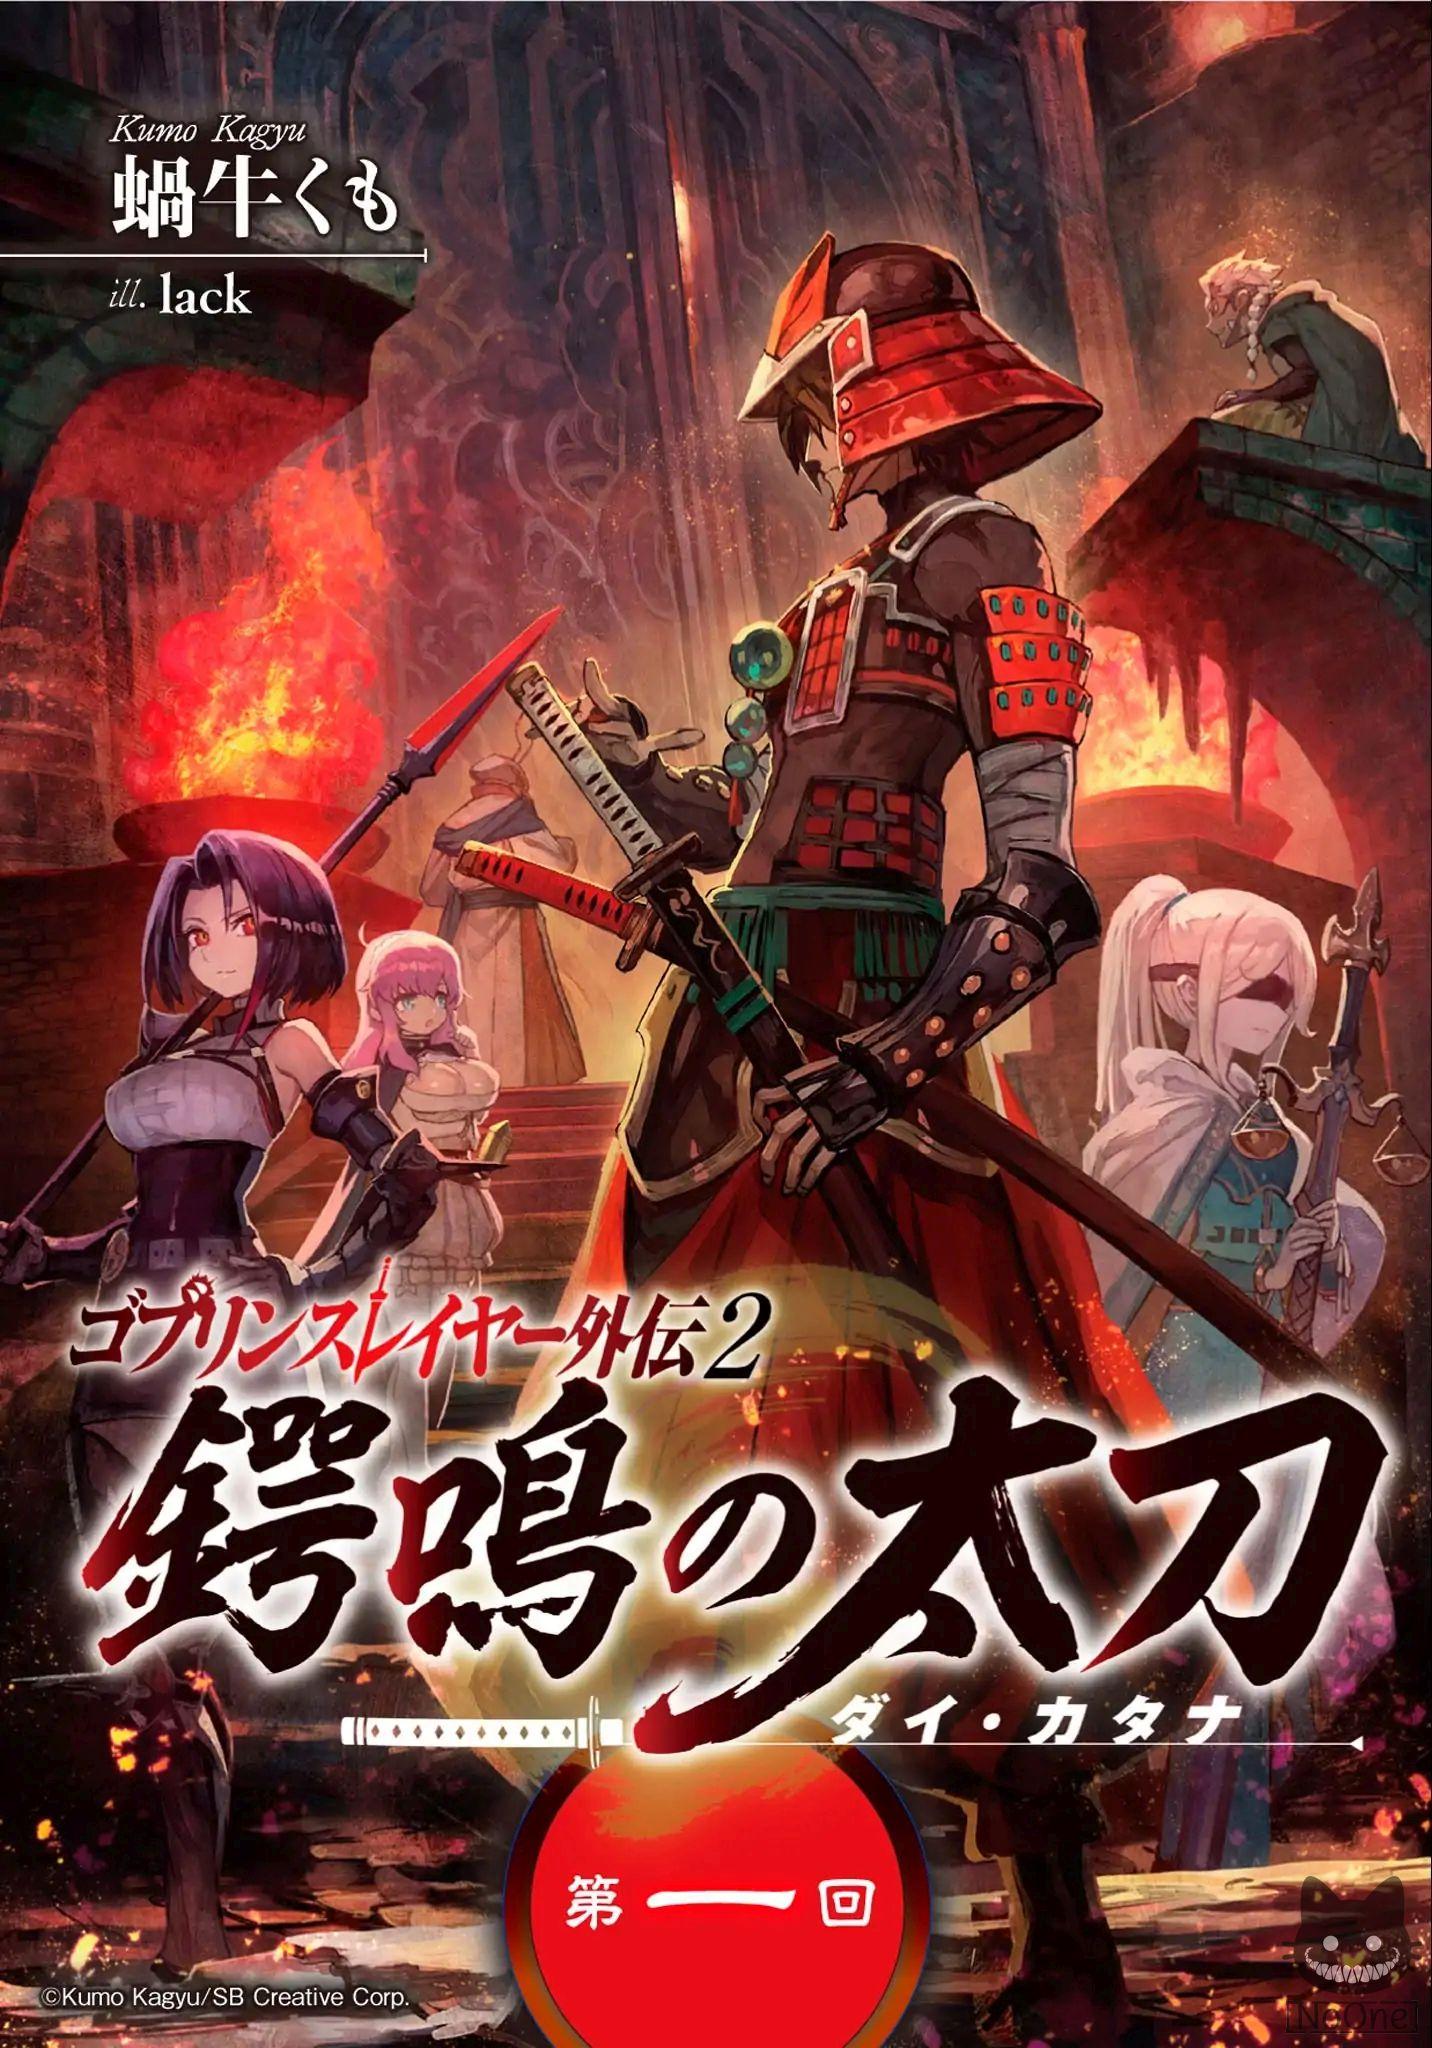 อ่านการ์ตูน Goblin Slayer 2 Gaiden Tsubanari no Daikatana ตอนที่ 1 หน้าที่ 1